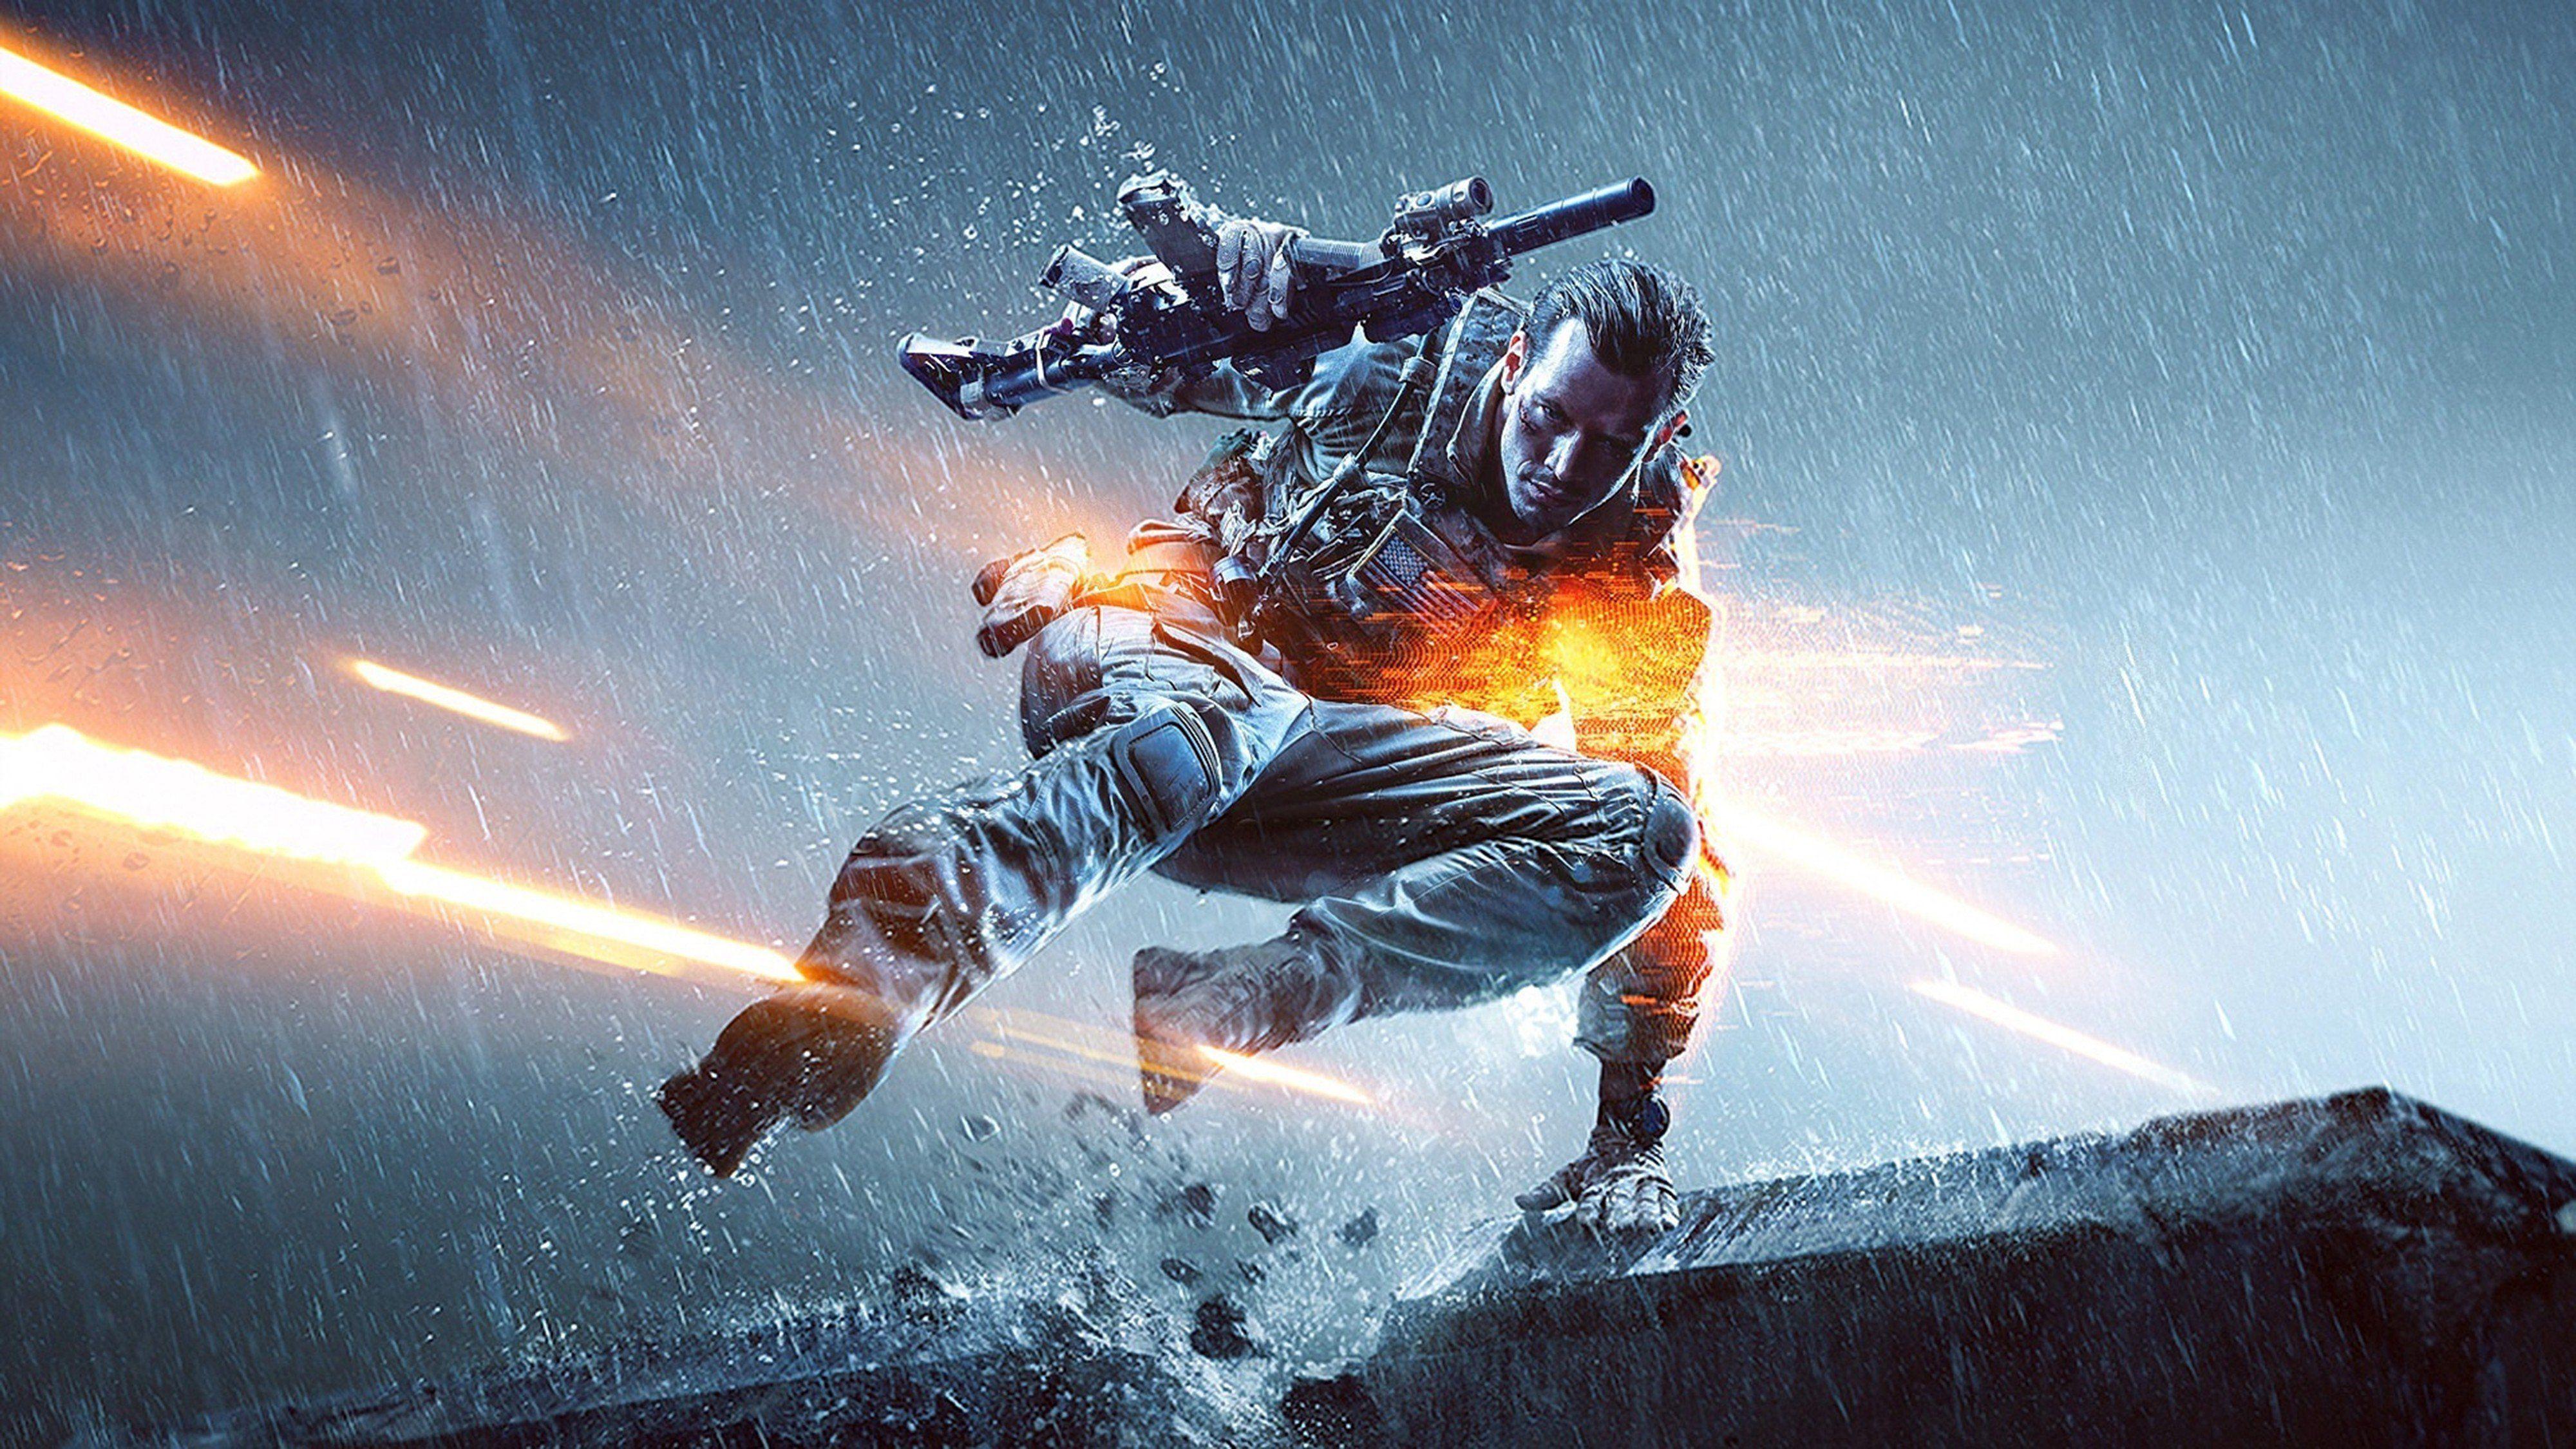 Battlefield 4 Wallpaper 4k - HD Wallpaper